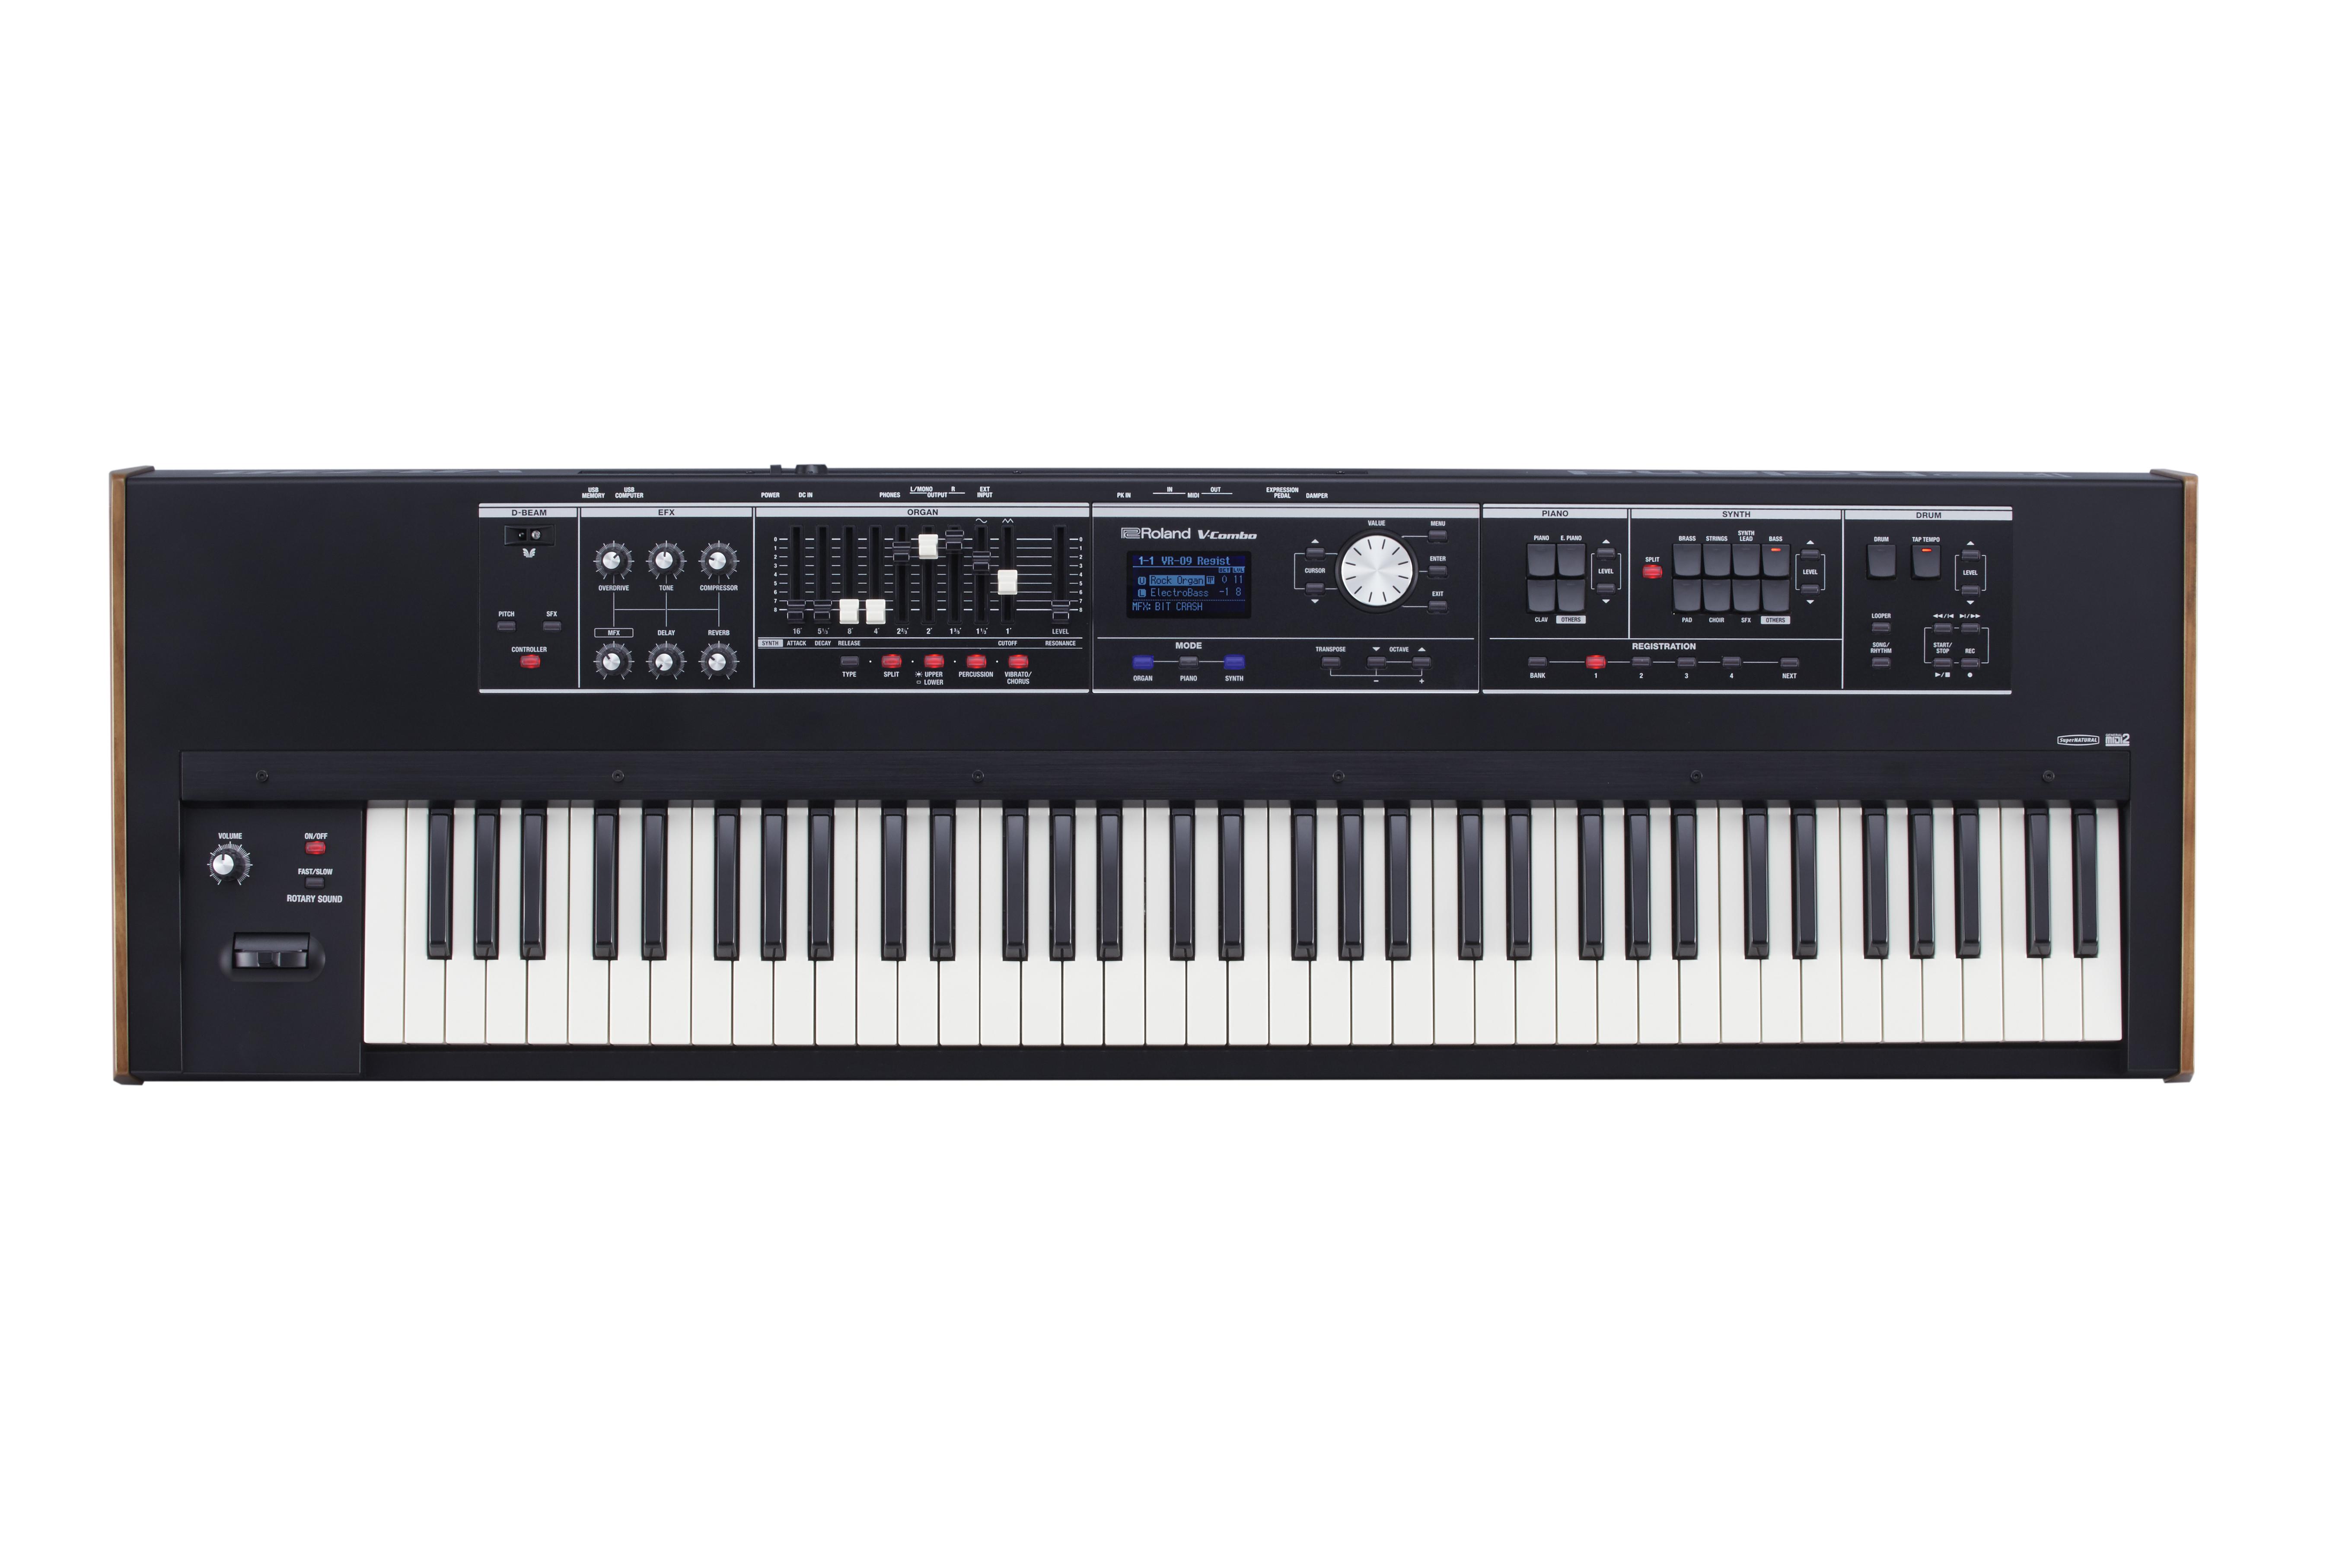 Claviers & Pianos - ORGUES & CLAVECINS - ROLAND - VR-730 - Royez Musik